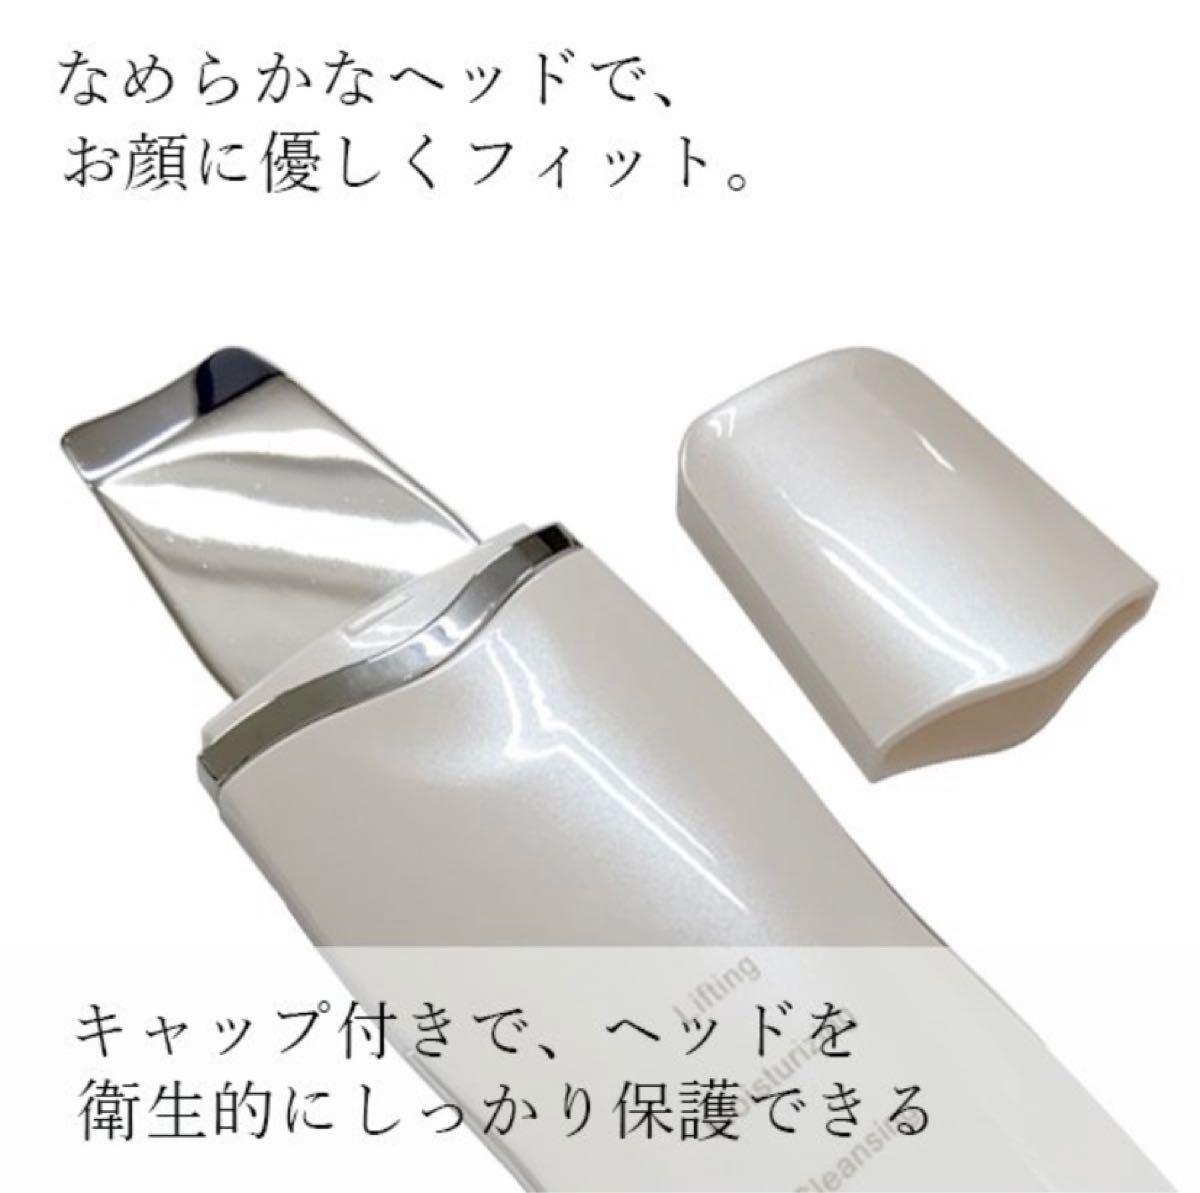 ウォーターピーリング 美顔器 超音波 毛穴ケア クレンジング EMS 超音波ピーリング イオン 導入 導出 ピーリング 毛穴